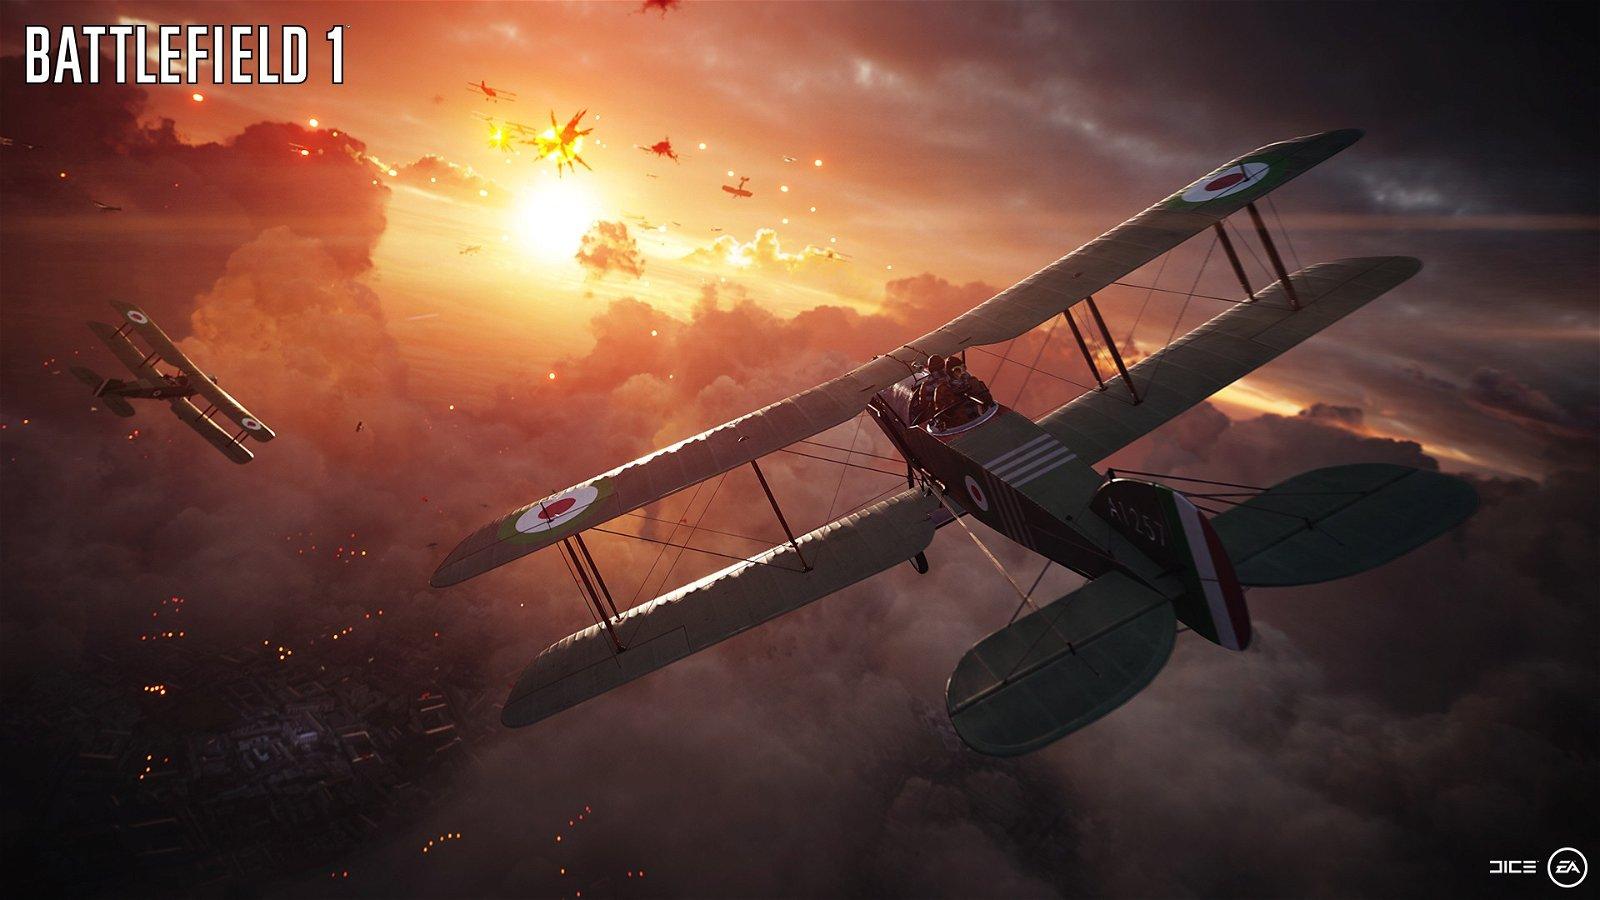 Battlefield 1 se podrá jugar 10 horas a partir del 13 de octubre con EA Access